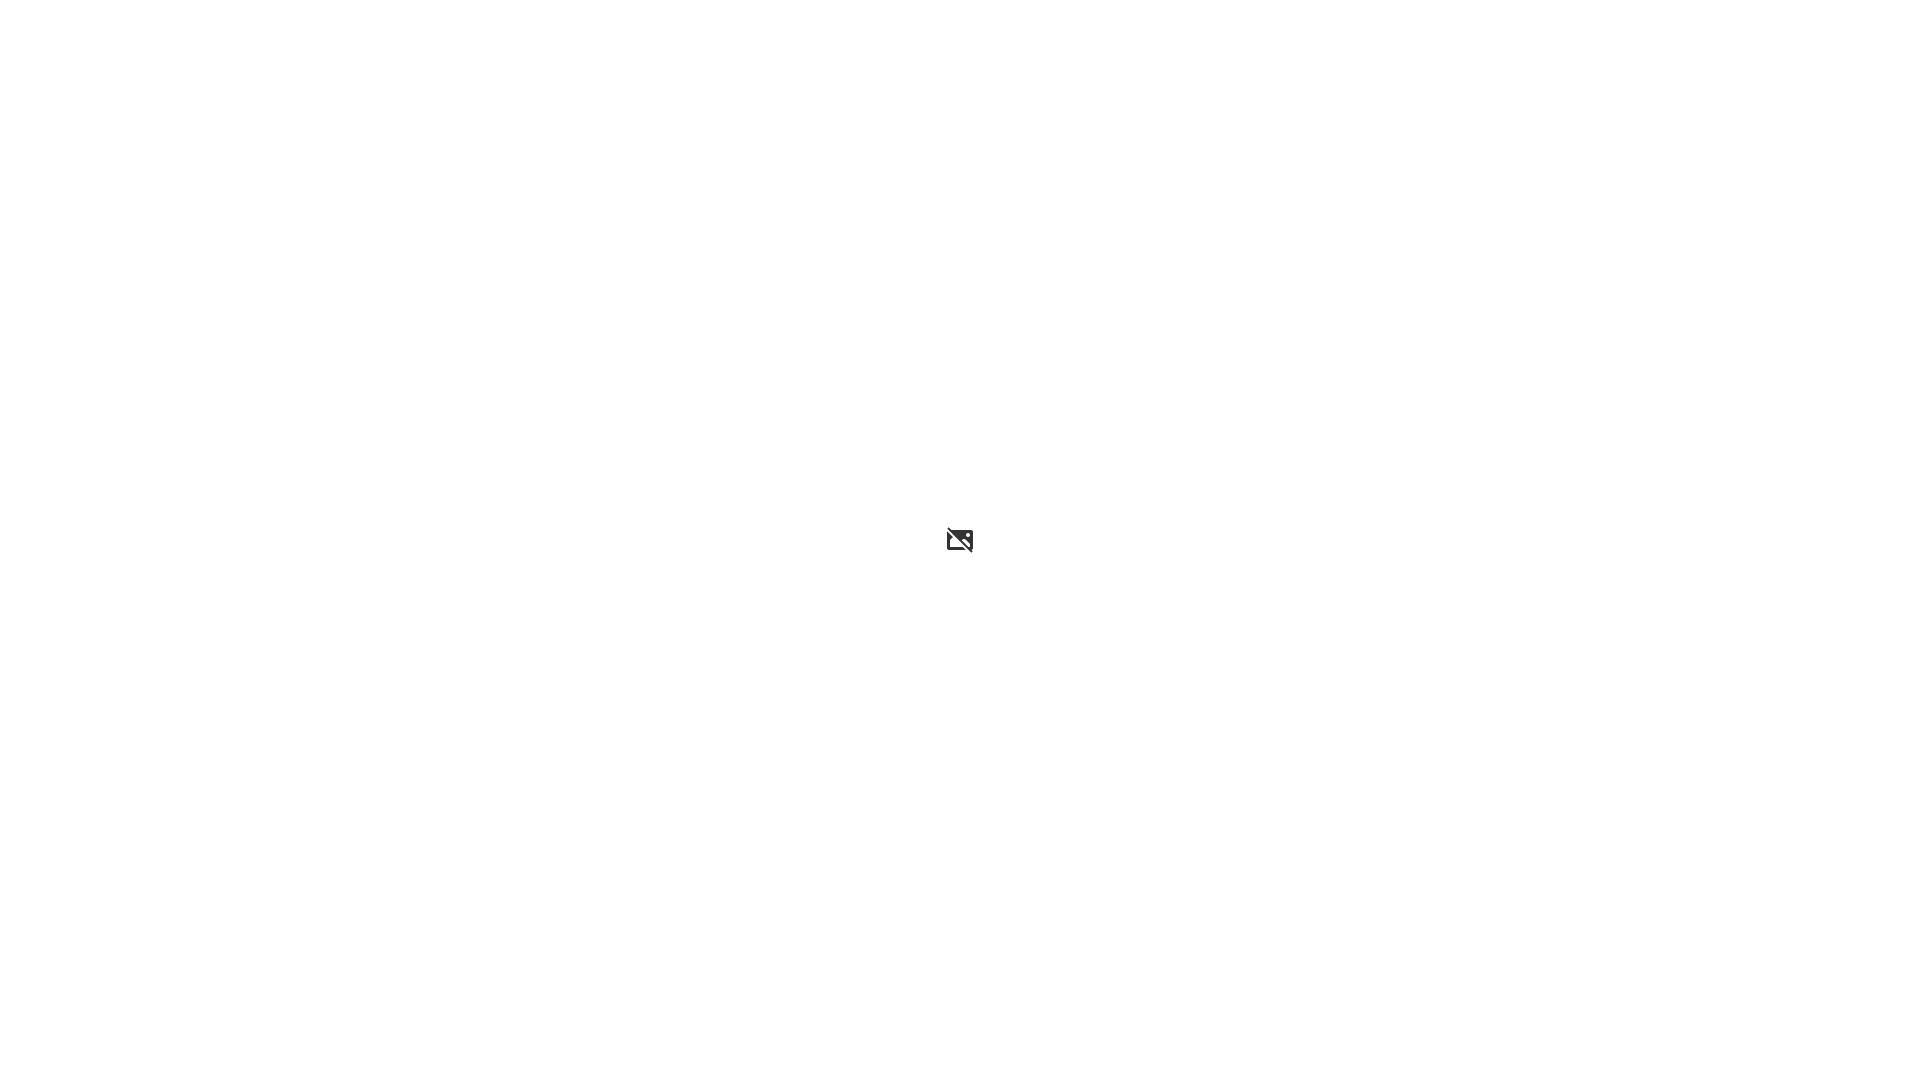 Graffiti LoL-owych bohaterów - muay tai lee sin